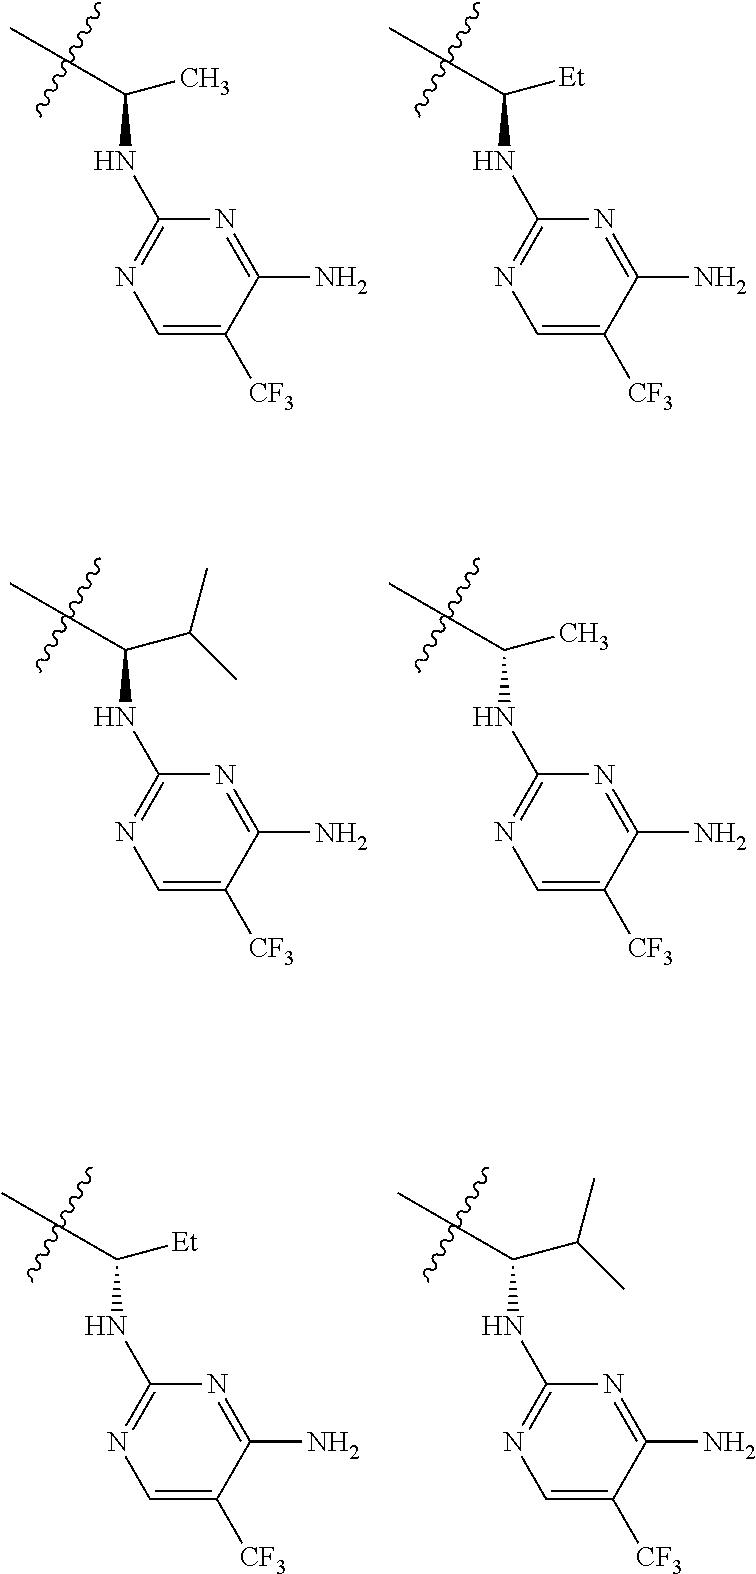 Figure US09216982-20151222-C00053